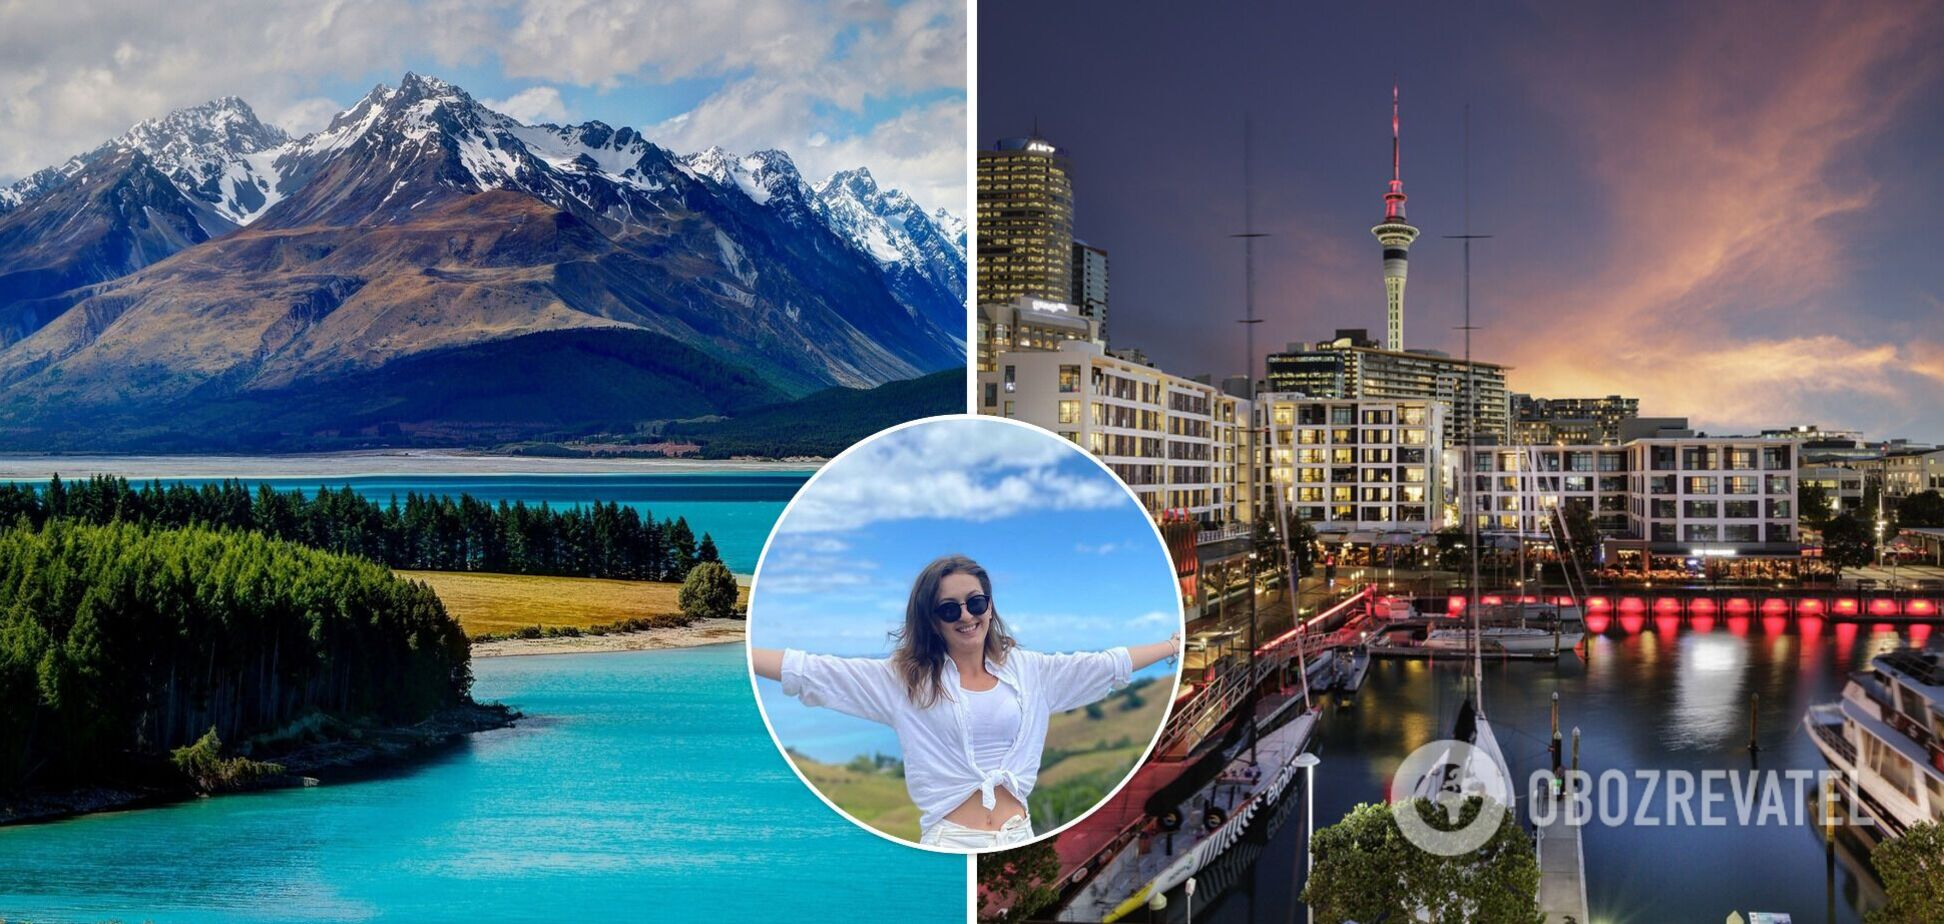 Бесплатная медицина, вторичное потребление и зарплаты от 1 млн грн в год: украинка – о жизни в Новой Зеландии